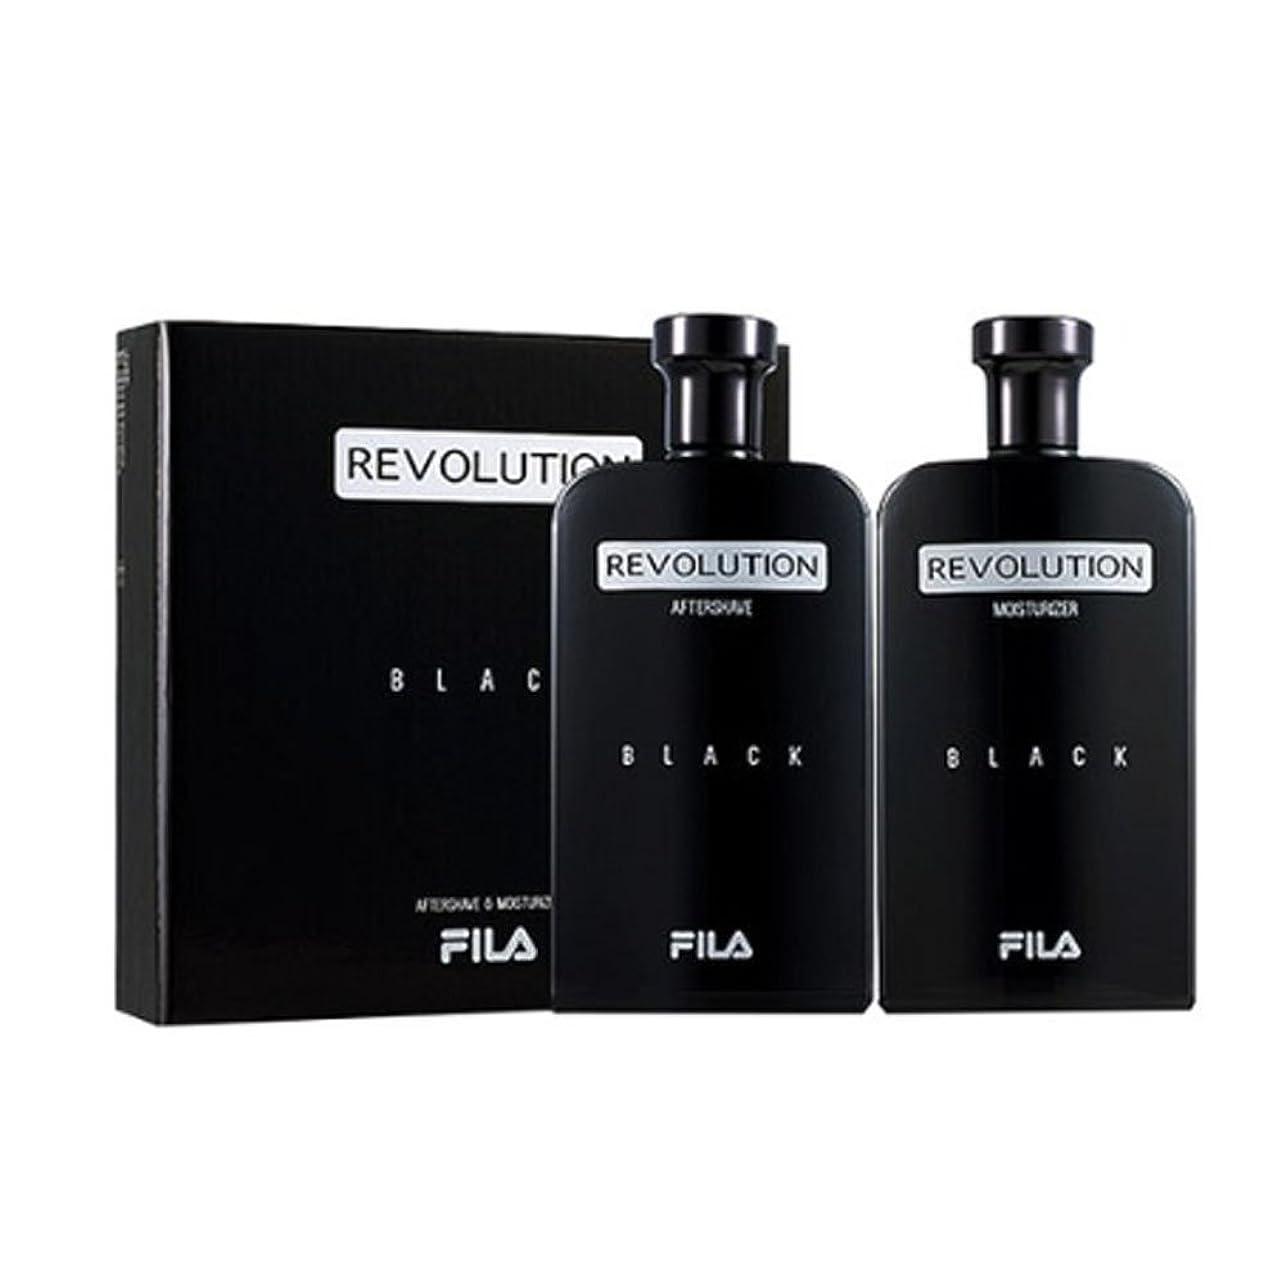 先に心のこもったキャンバスFCKレボルルションブラックスキン140mlローション140mlメンズコスメ、FCK Revolution Black Skin 140ml Lotion 140ml Men's Cosmetics [海外直送品]